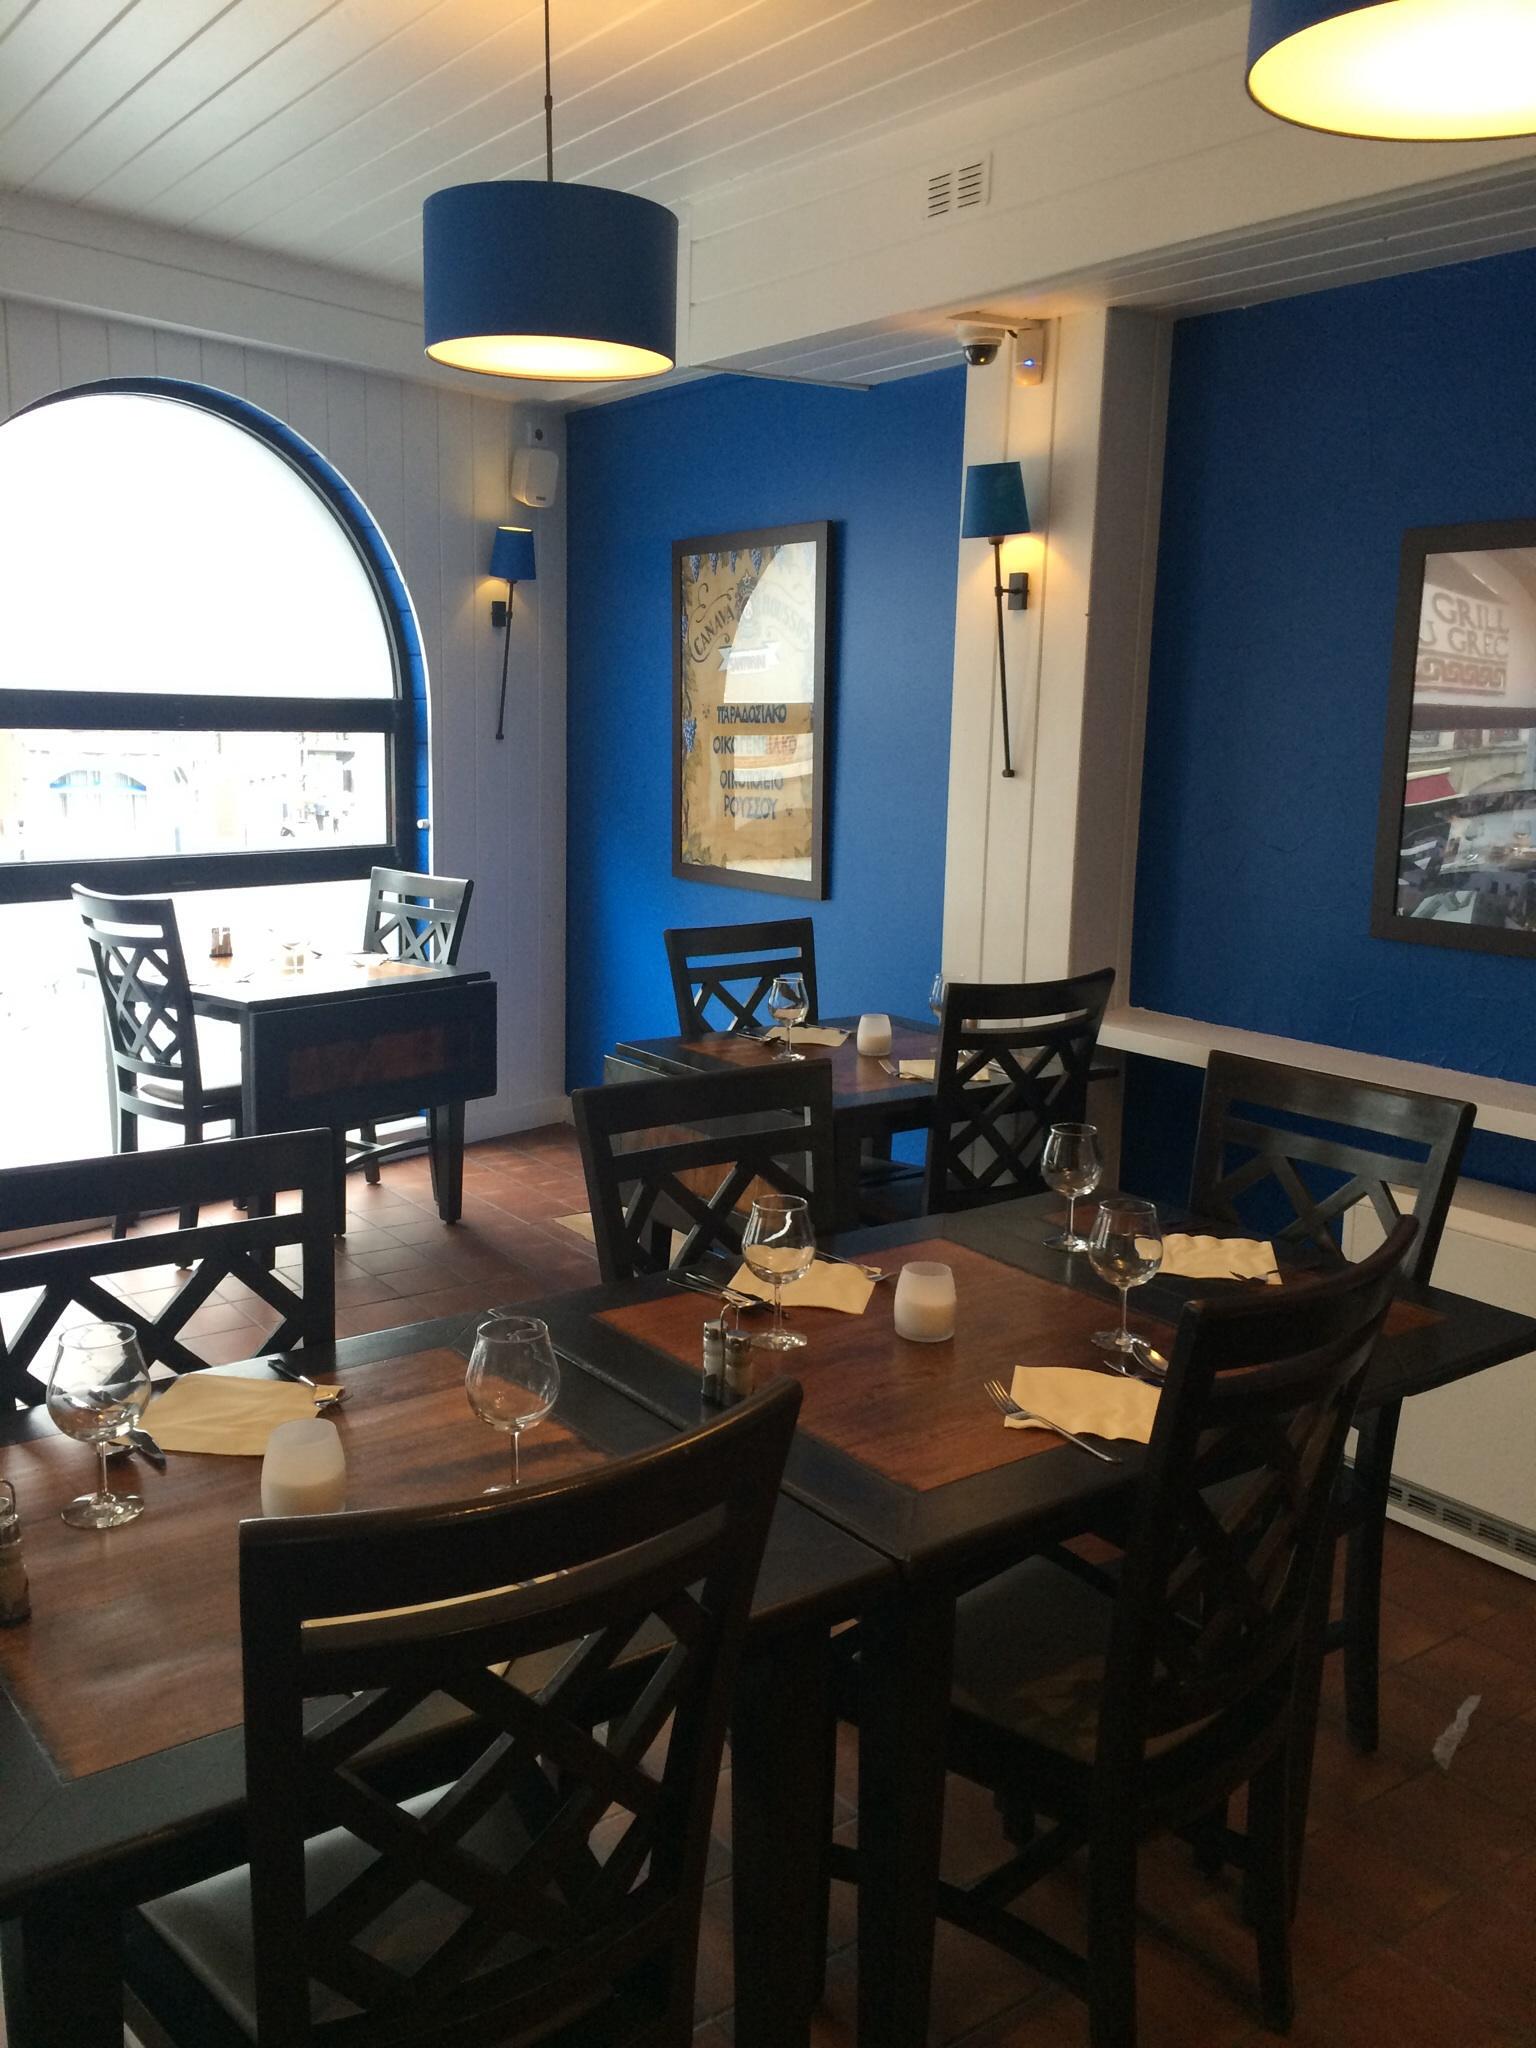 le grill du grec restaurant doornik 7500. Black Bedroom Furniture Sets. Home Design Ideas